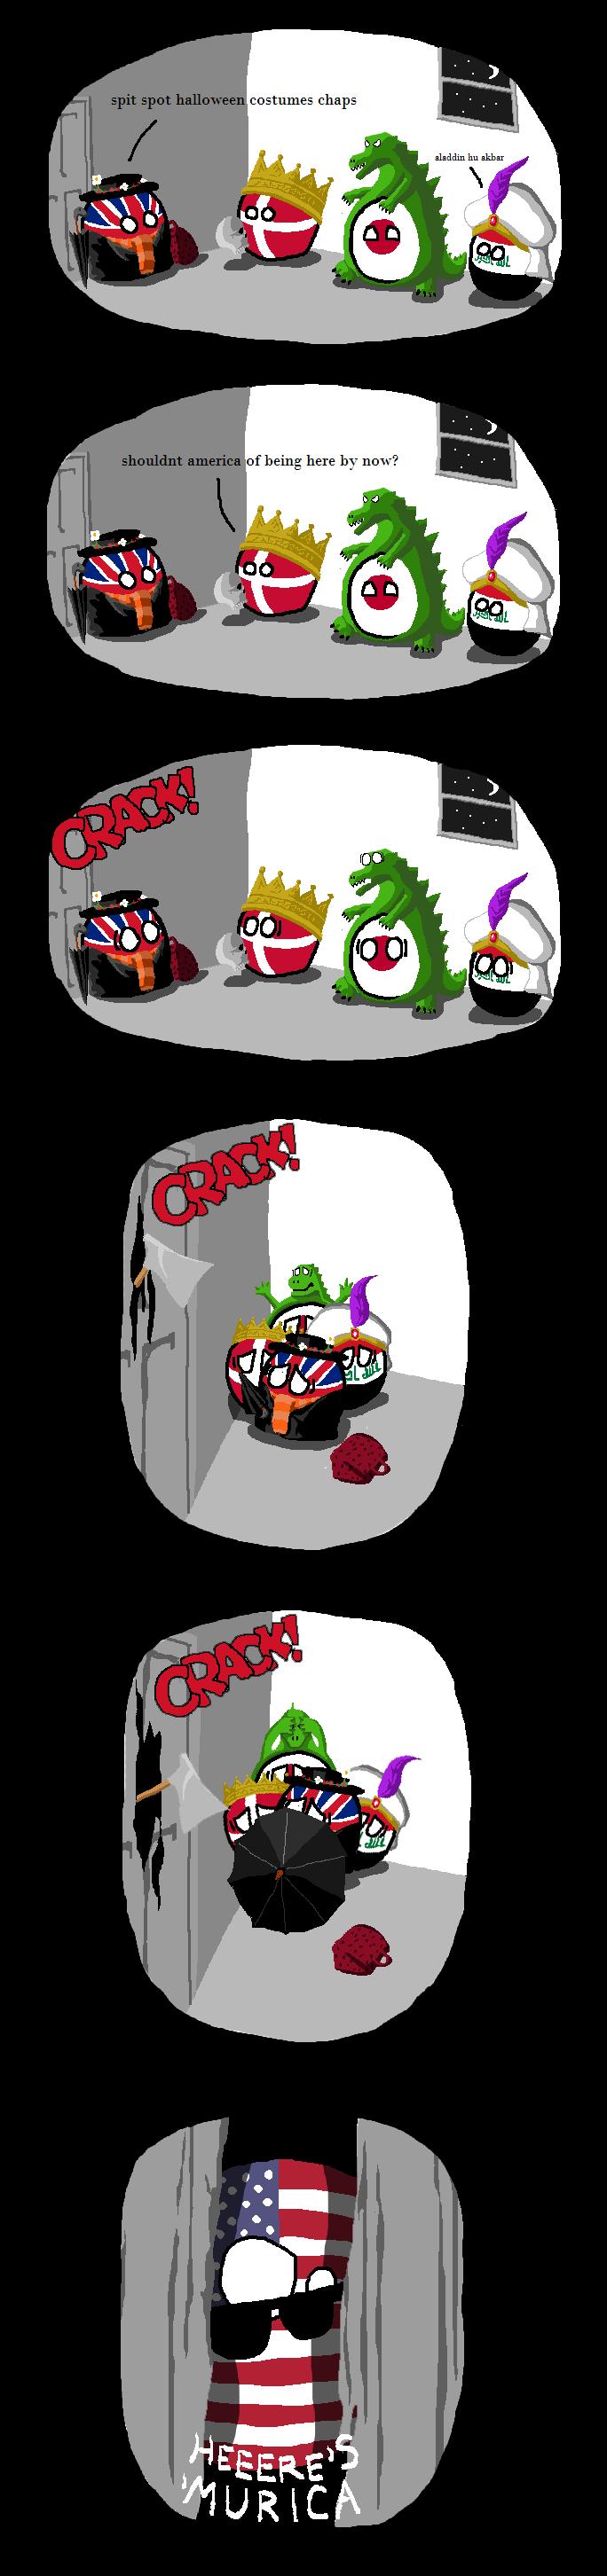 Daily Polandball: Happy Halloween, Here's 'Merica!